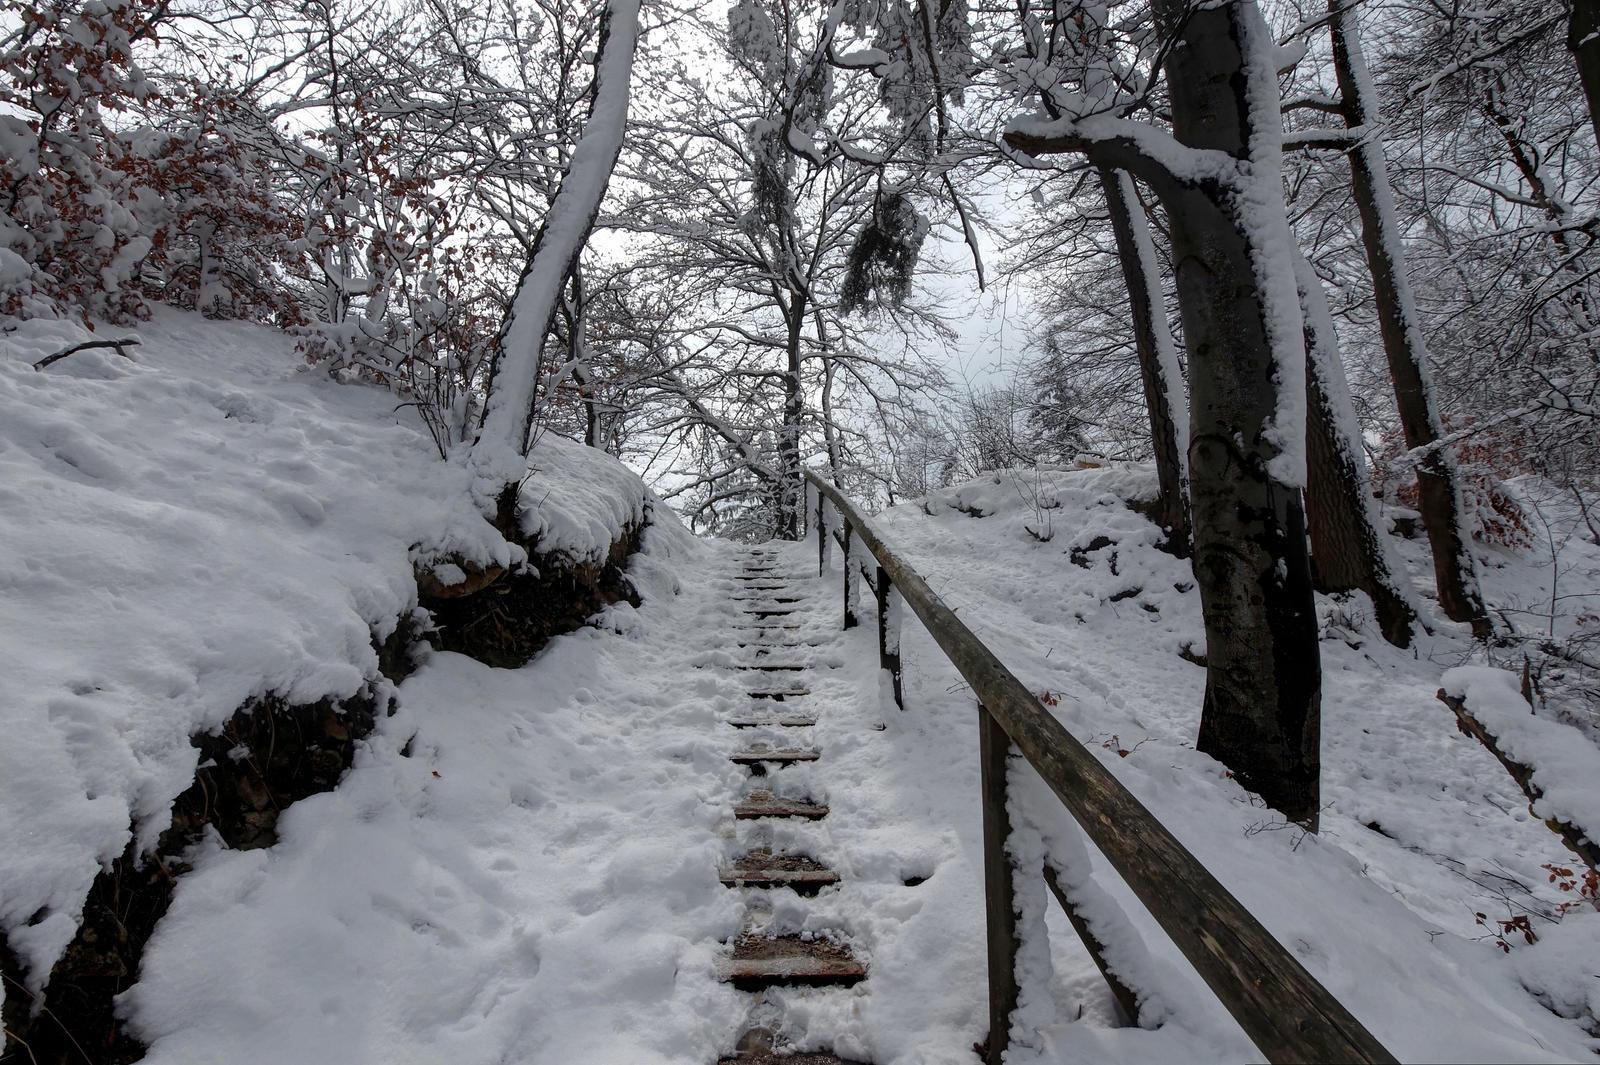 Stairway by Burtn